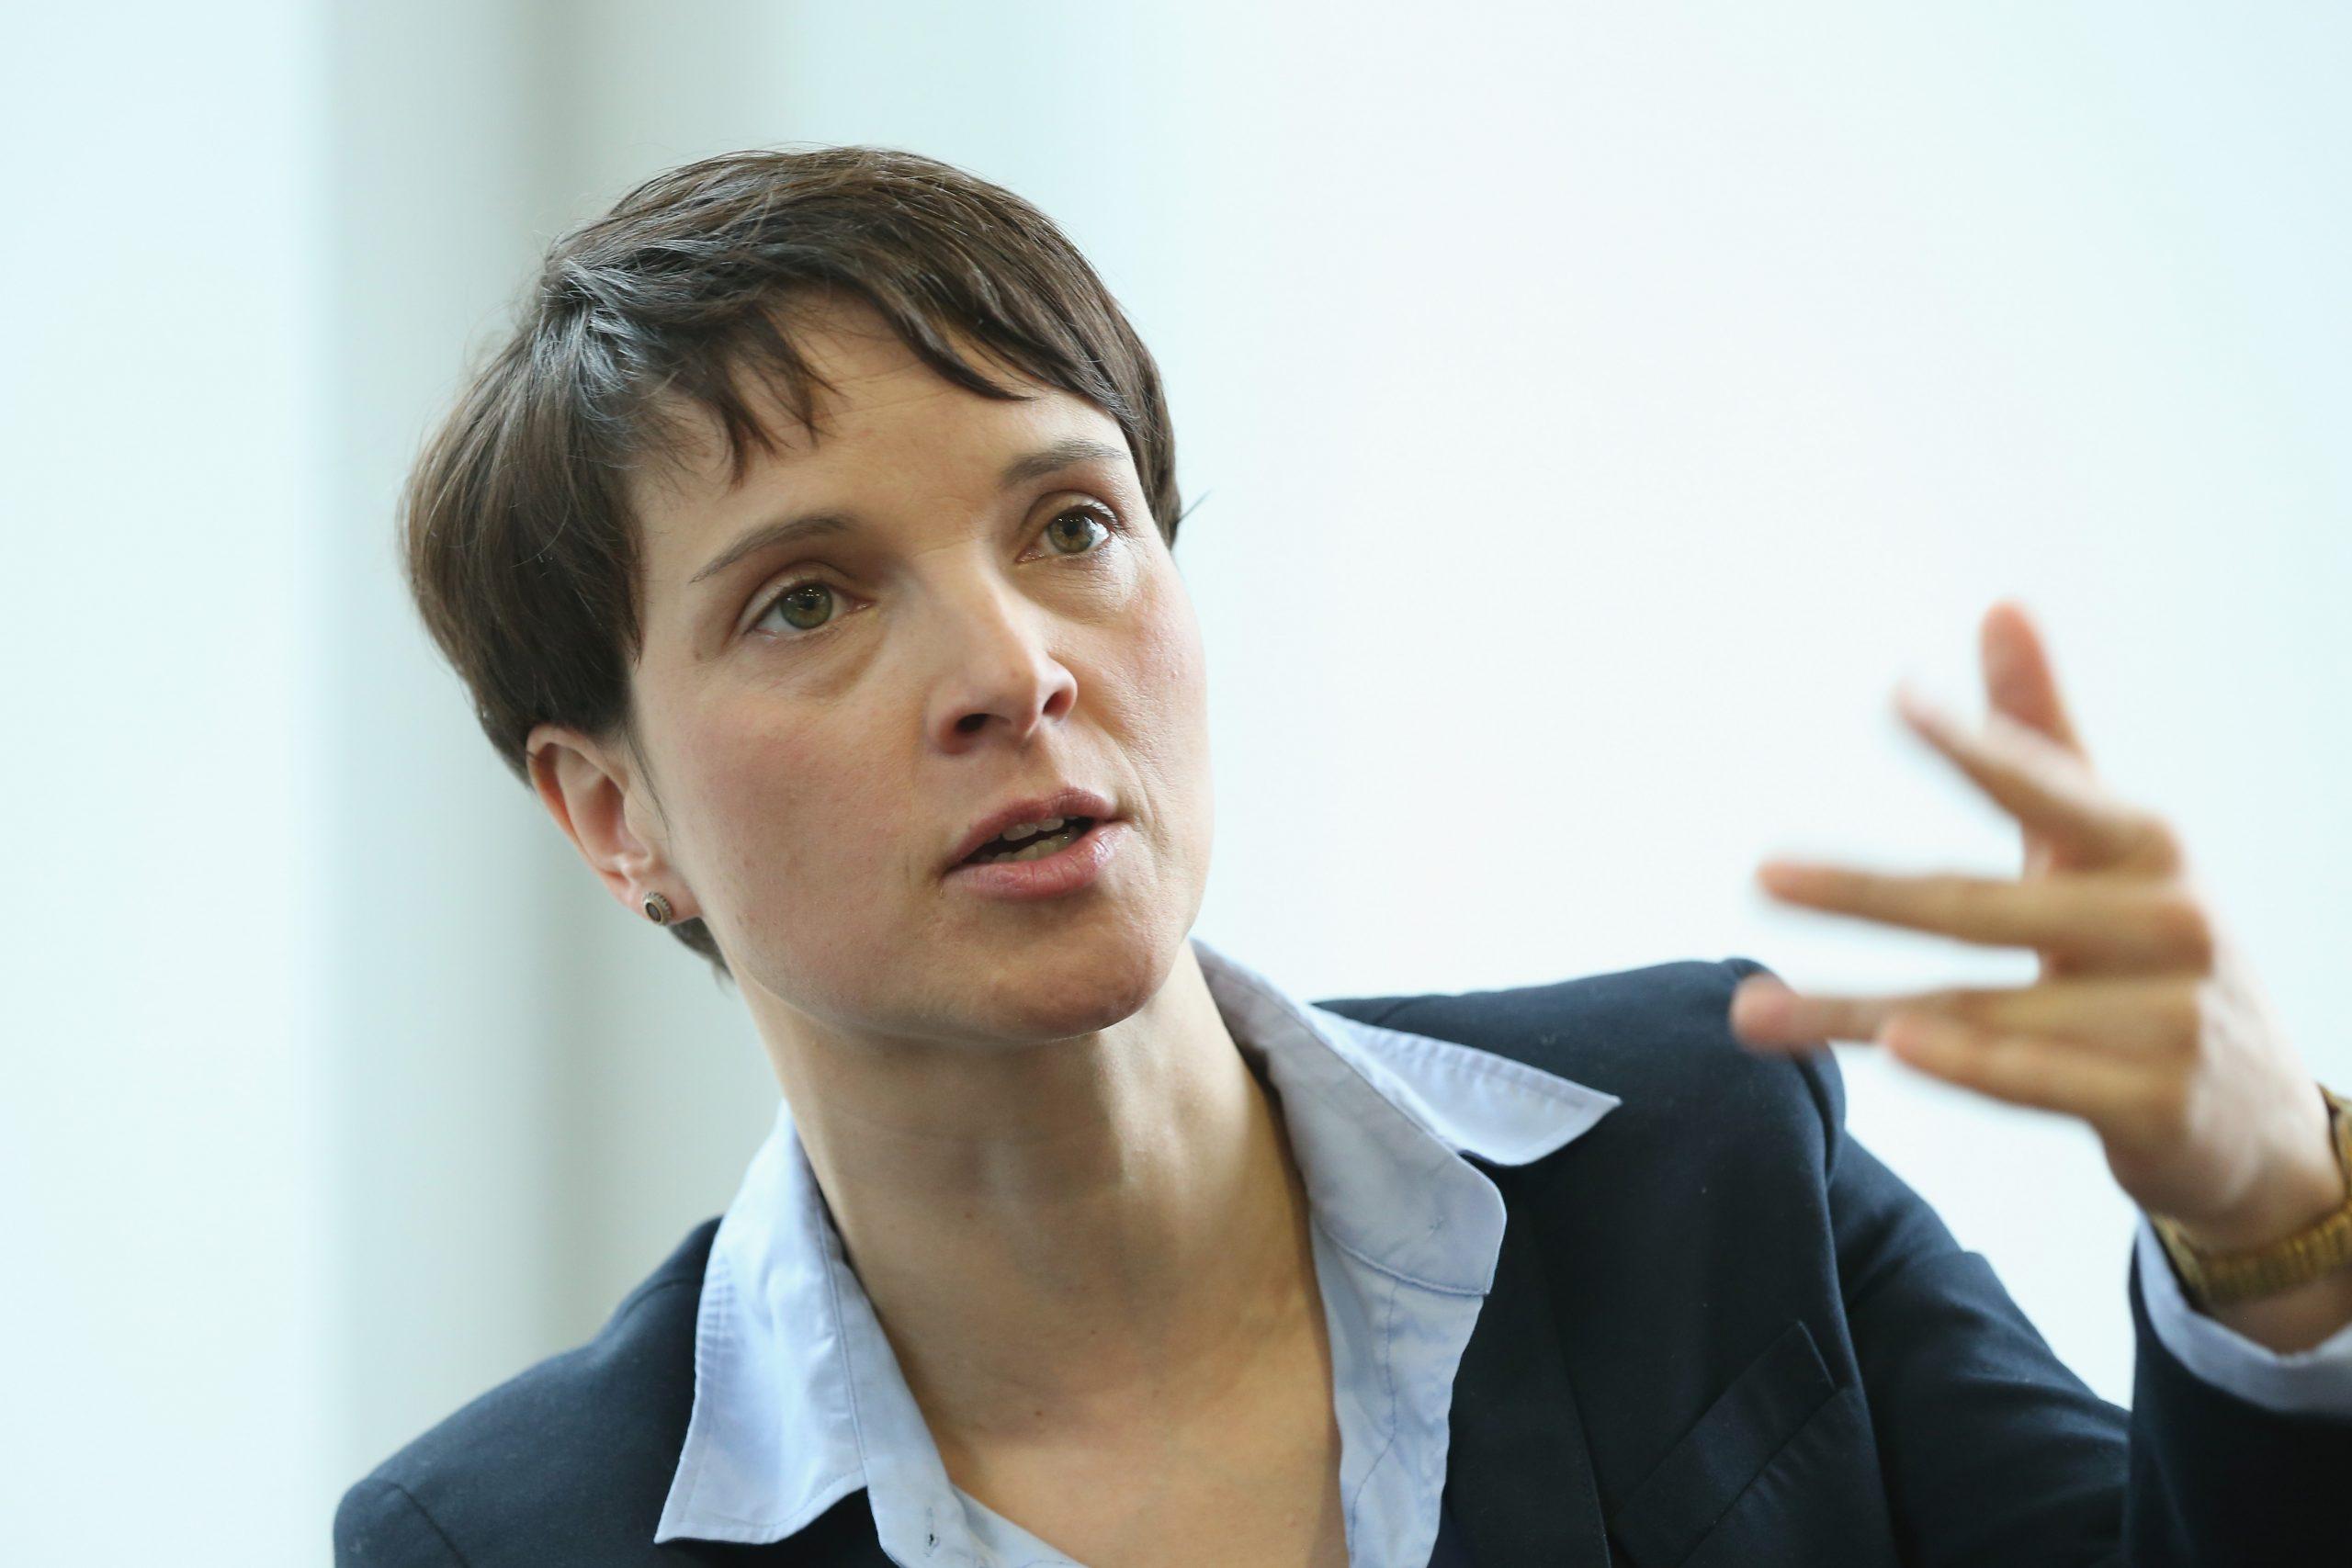 Ehemalige AfD-Chefin Petry wegen Subventionsbetrugs verurteilt